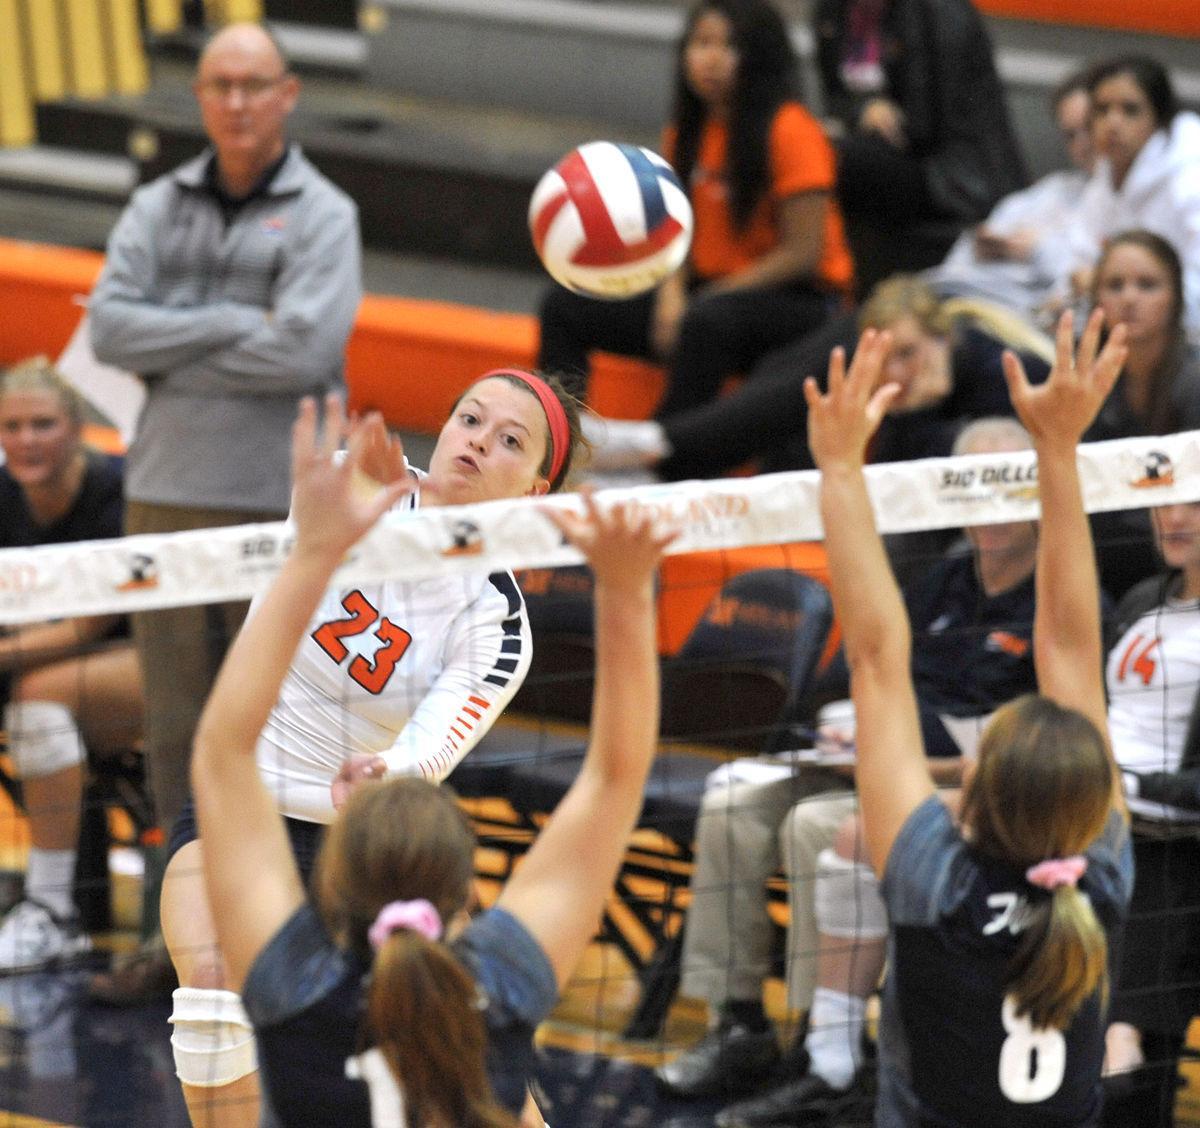 Photos: Midland volleyball vs. Saint Mary, 10.11.17